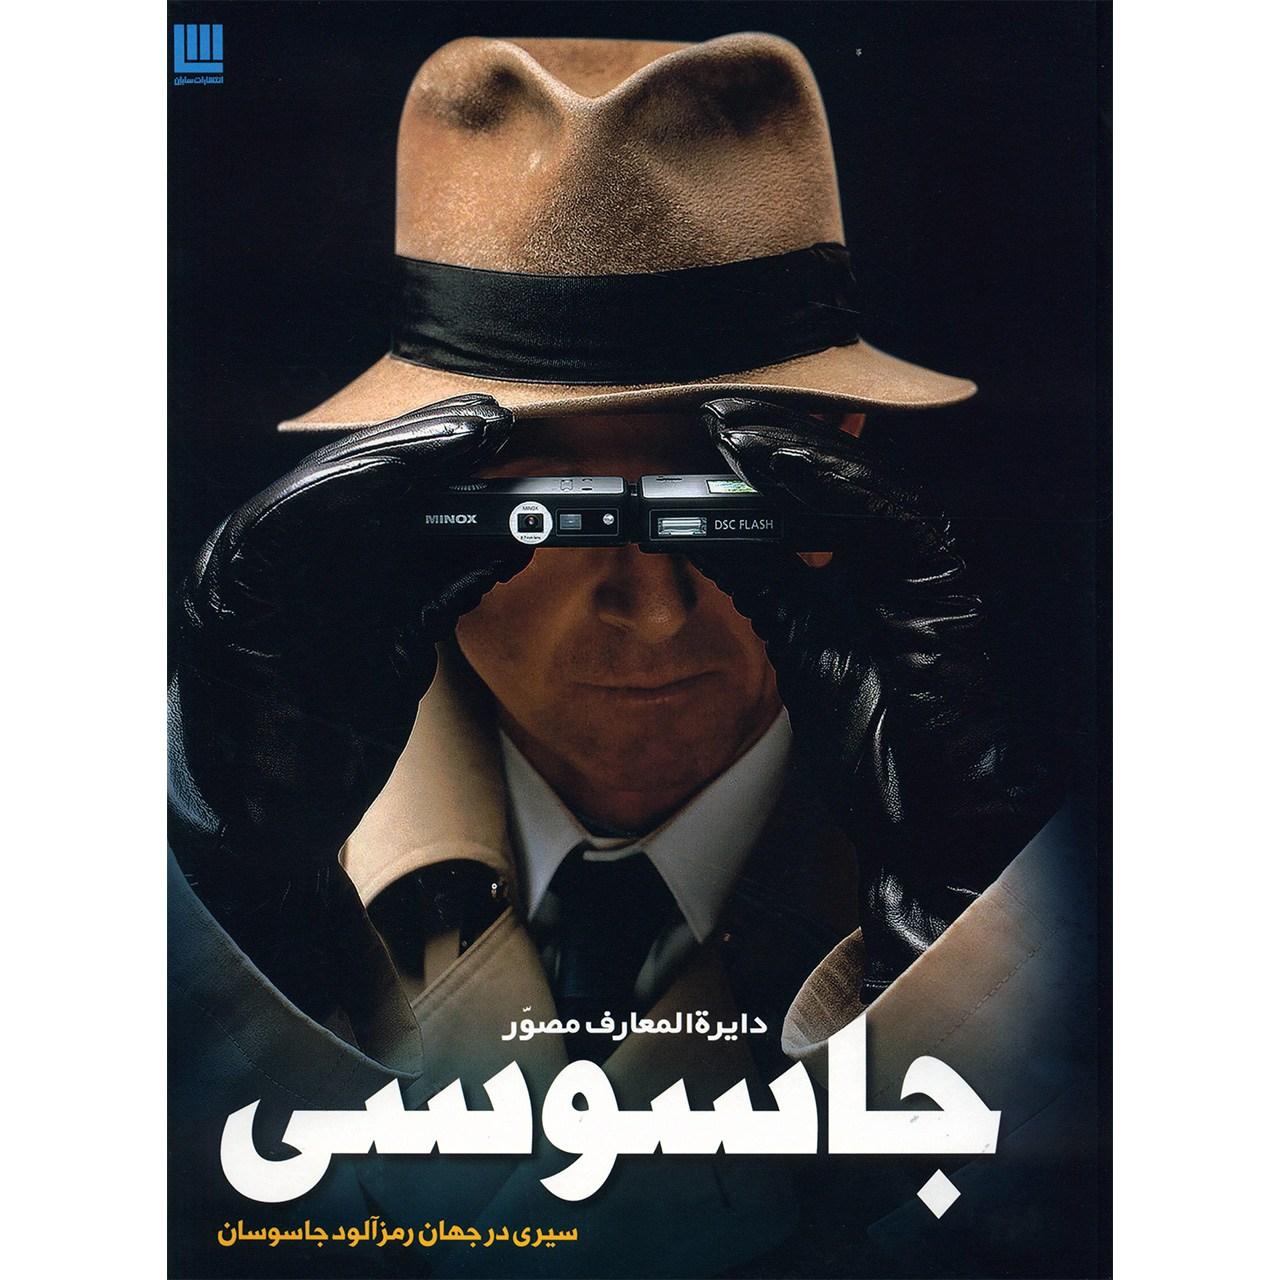 کتاب دایره المعارف مصور جاسوسی اثر کیت میلتون